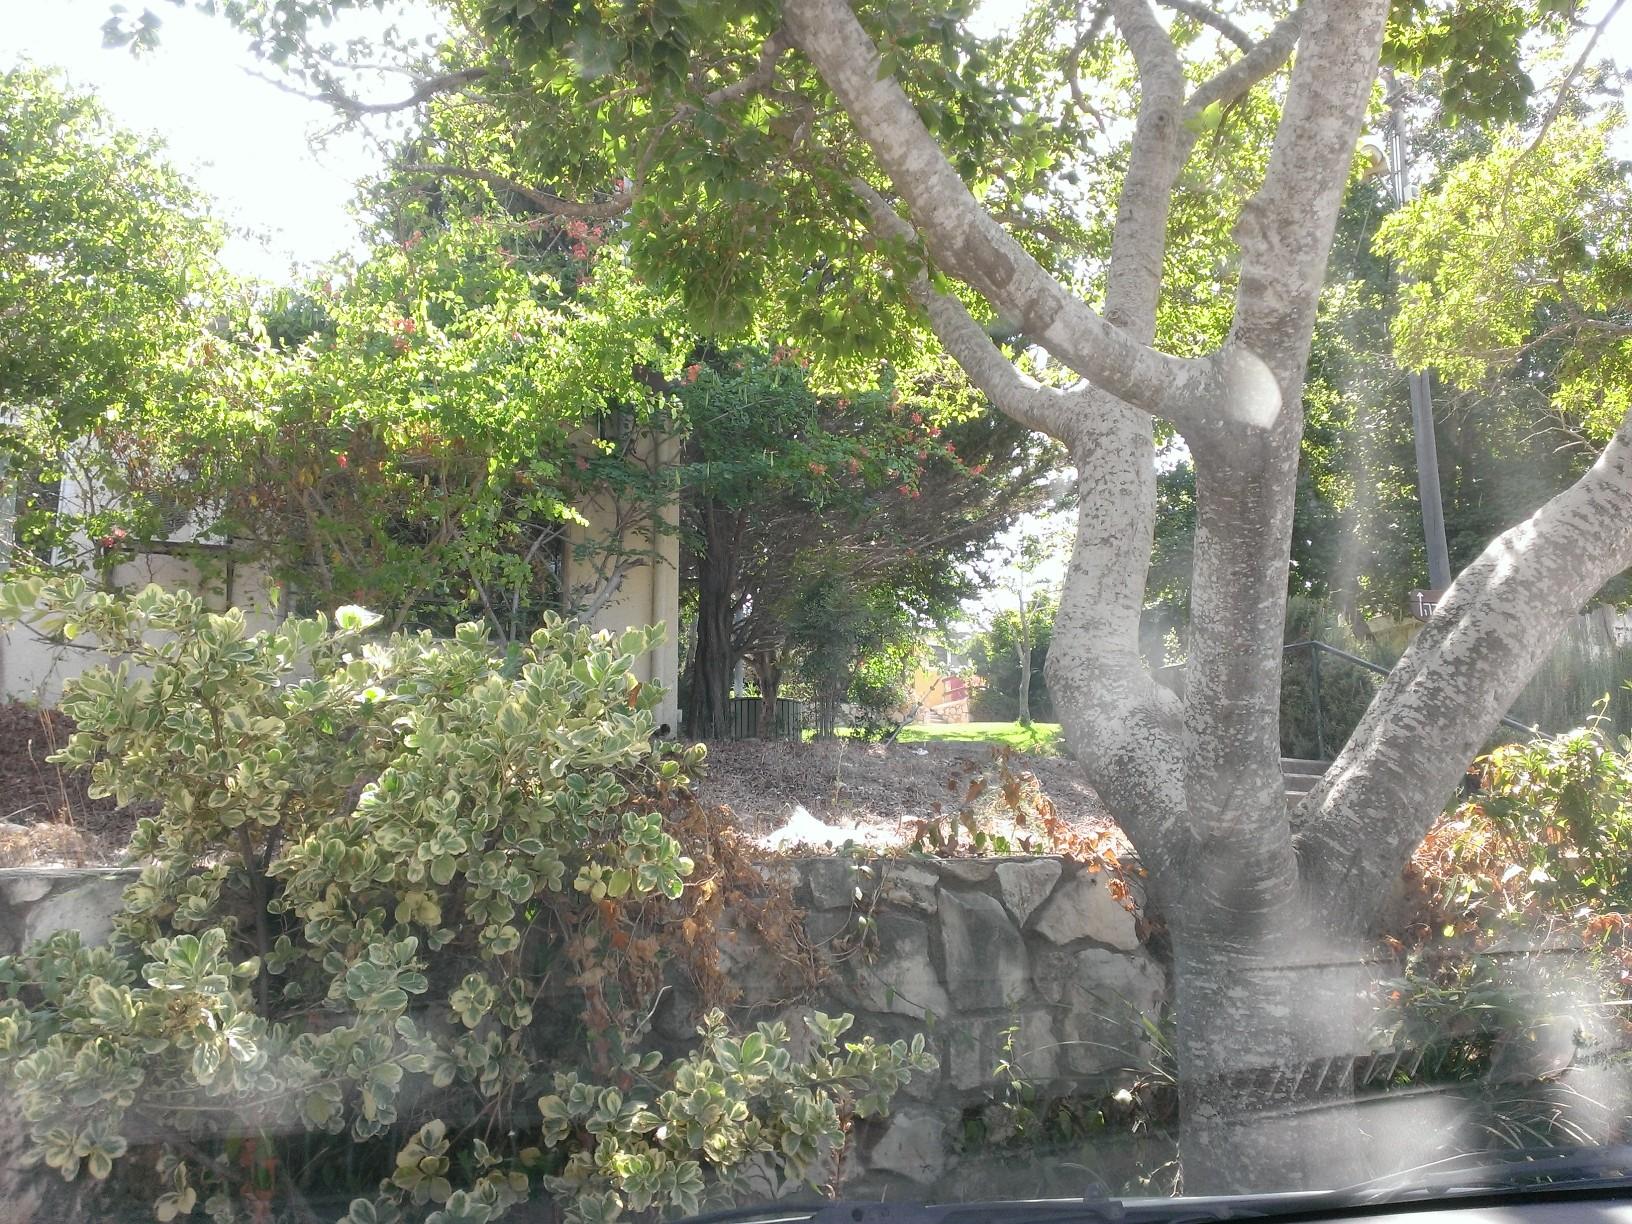 הנוף של קיבוץ הרדוף בדרך אל המסעדה